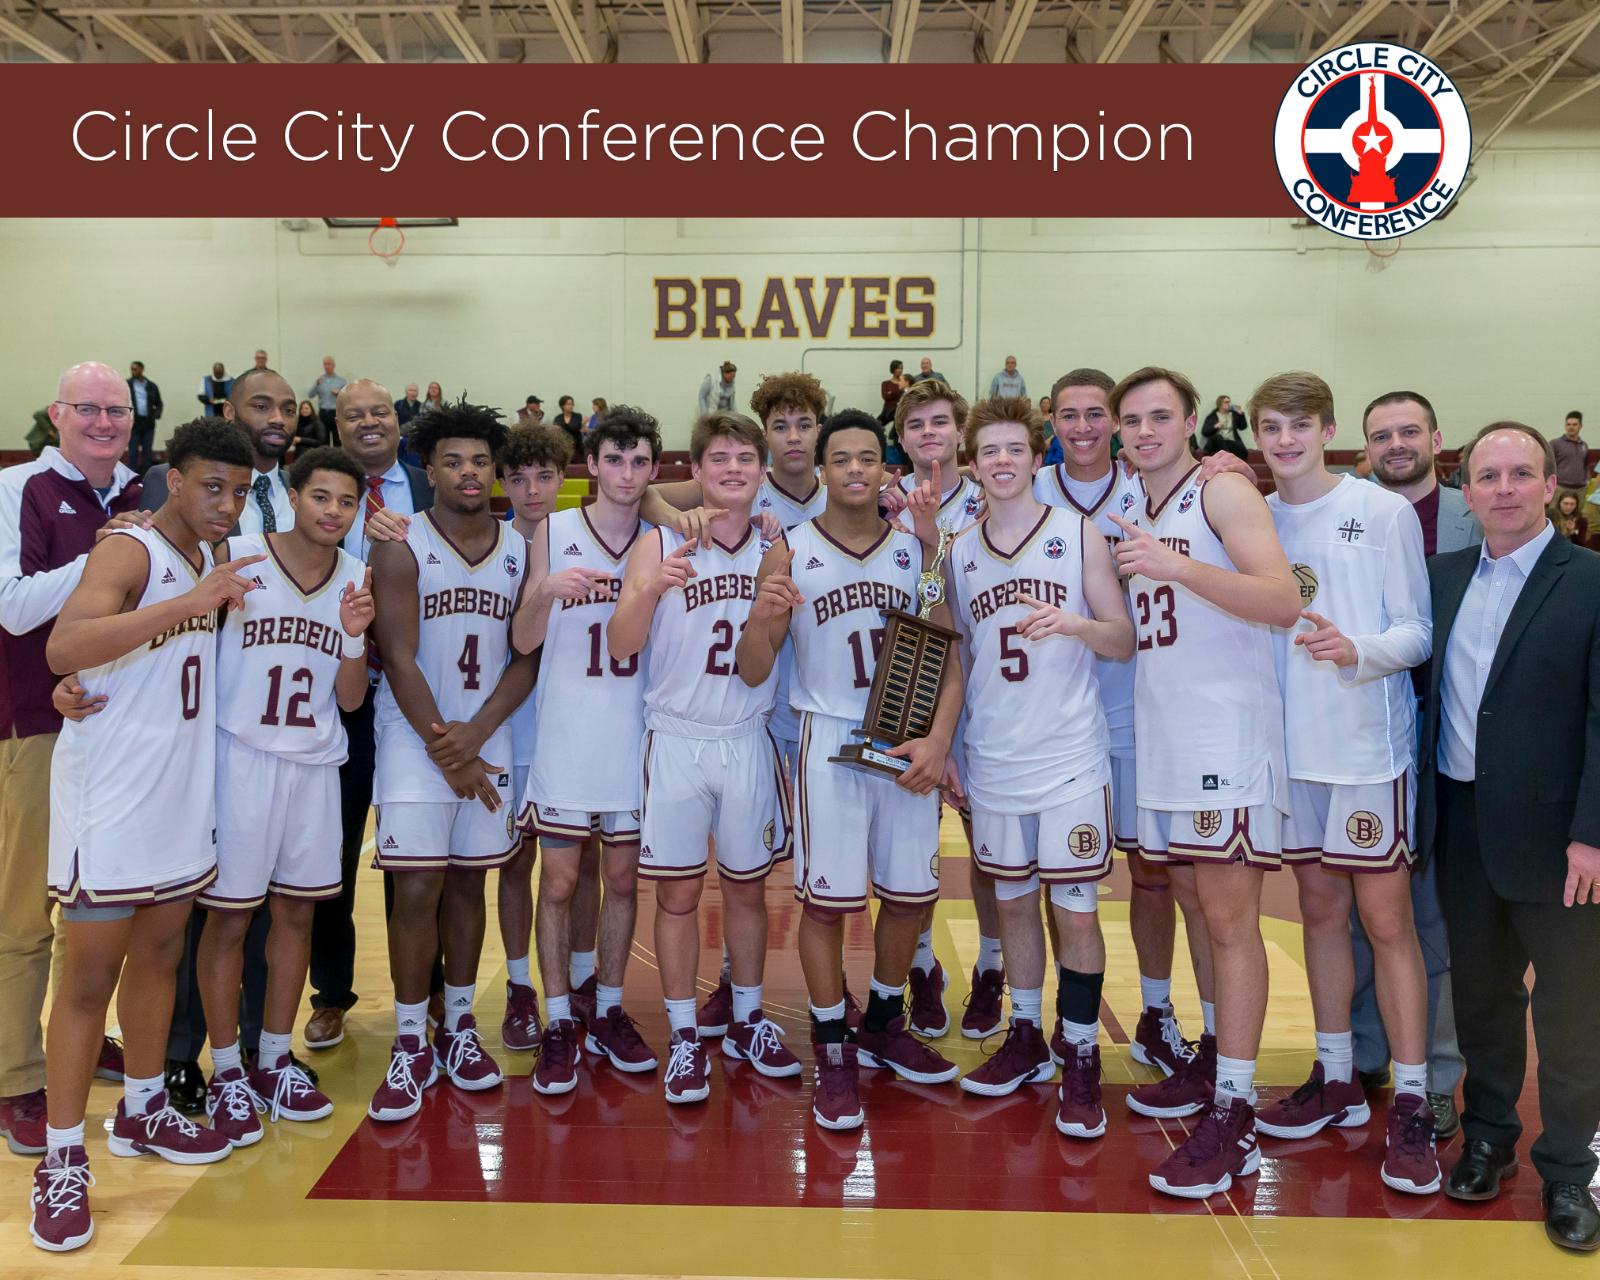 Boys Basketball Earns Conference Championship